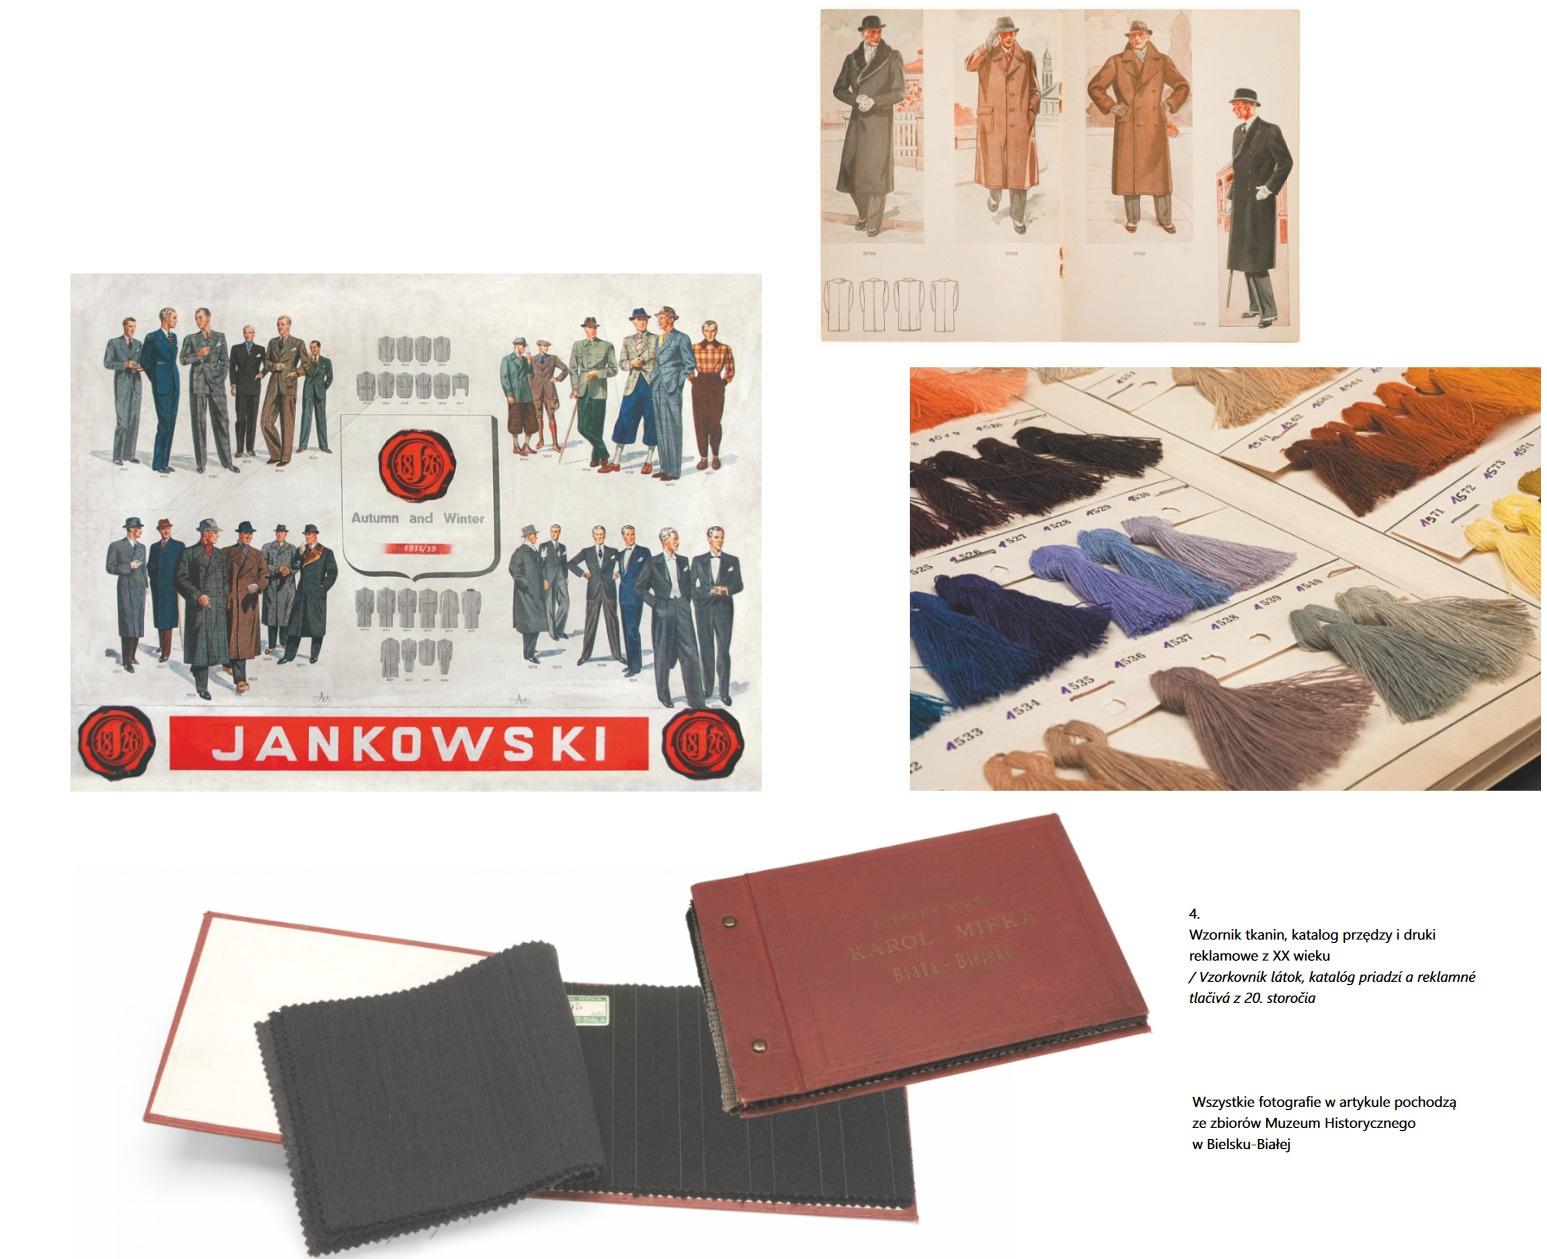 Wzornik tkanin, katalog przędzy i druki reklamowe z XX wieku